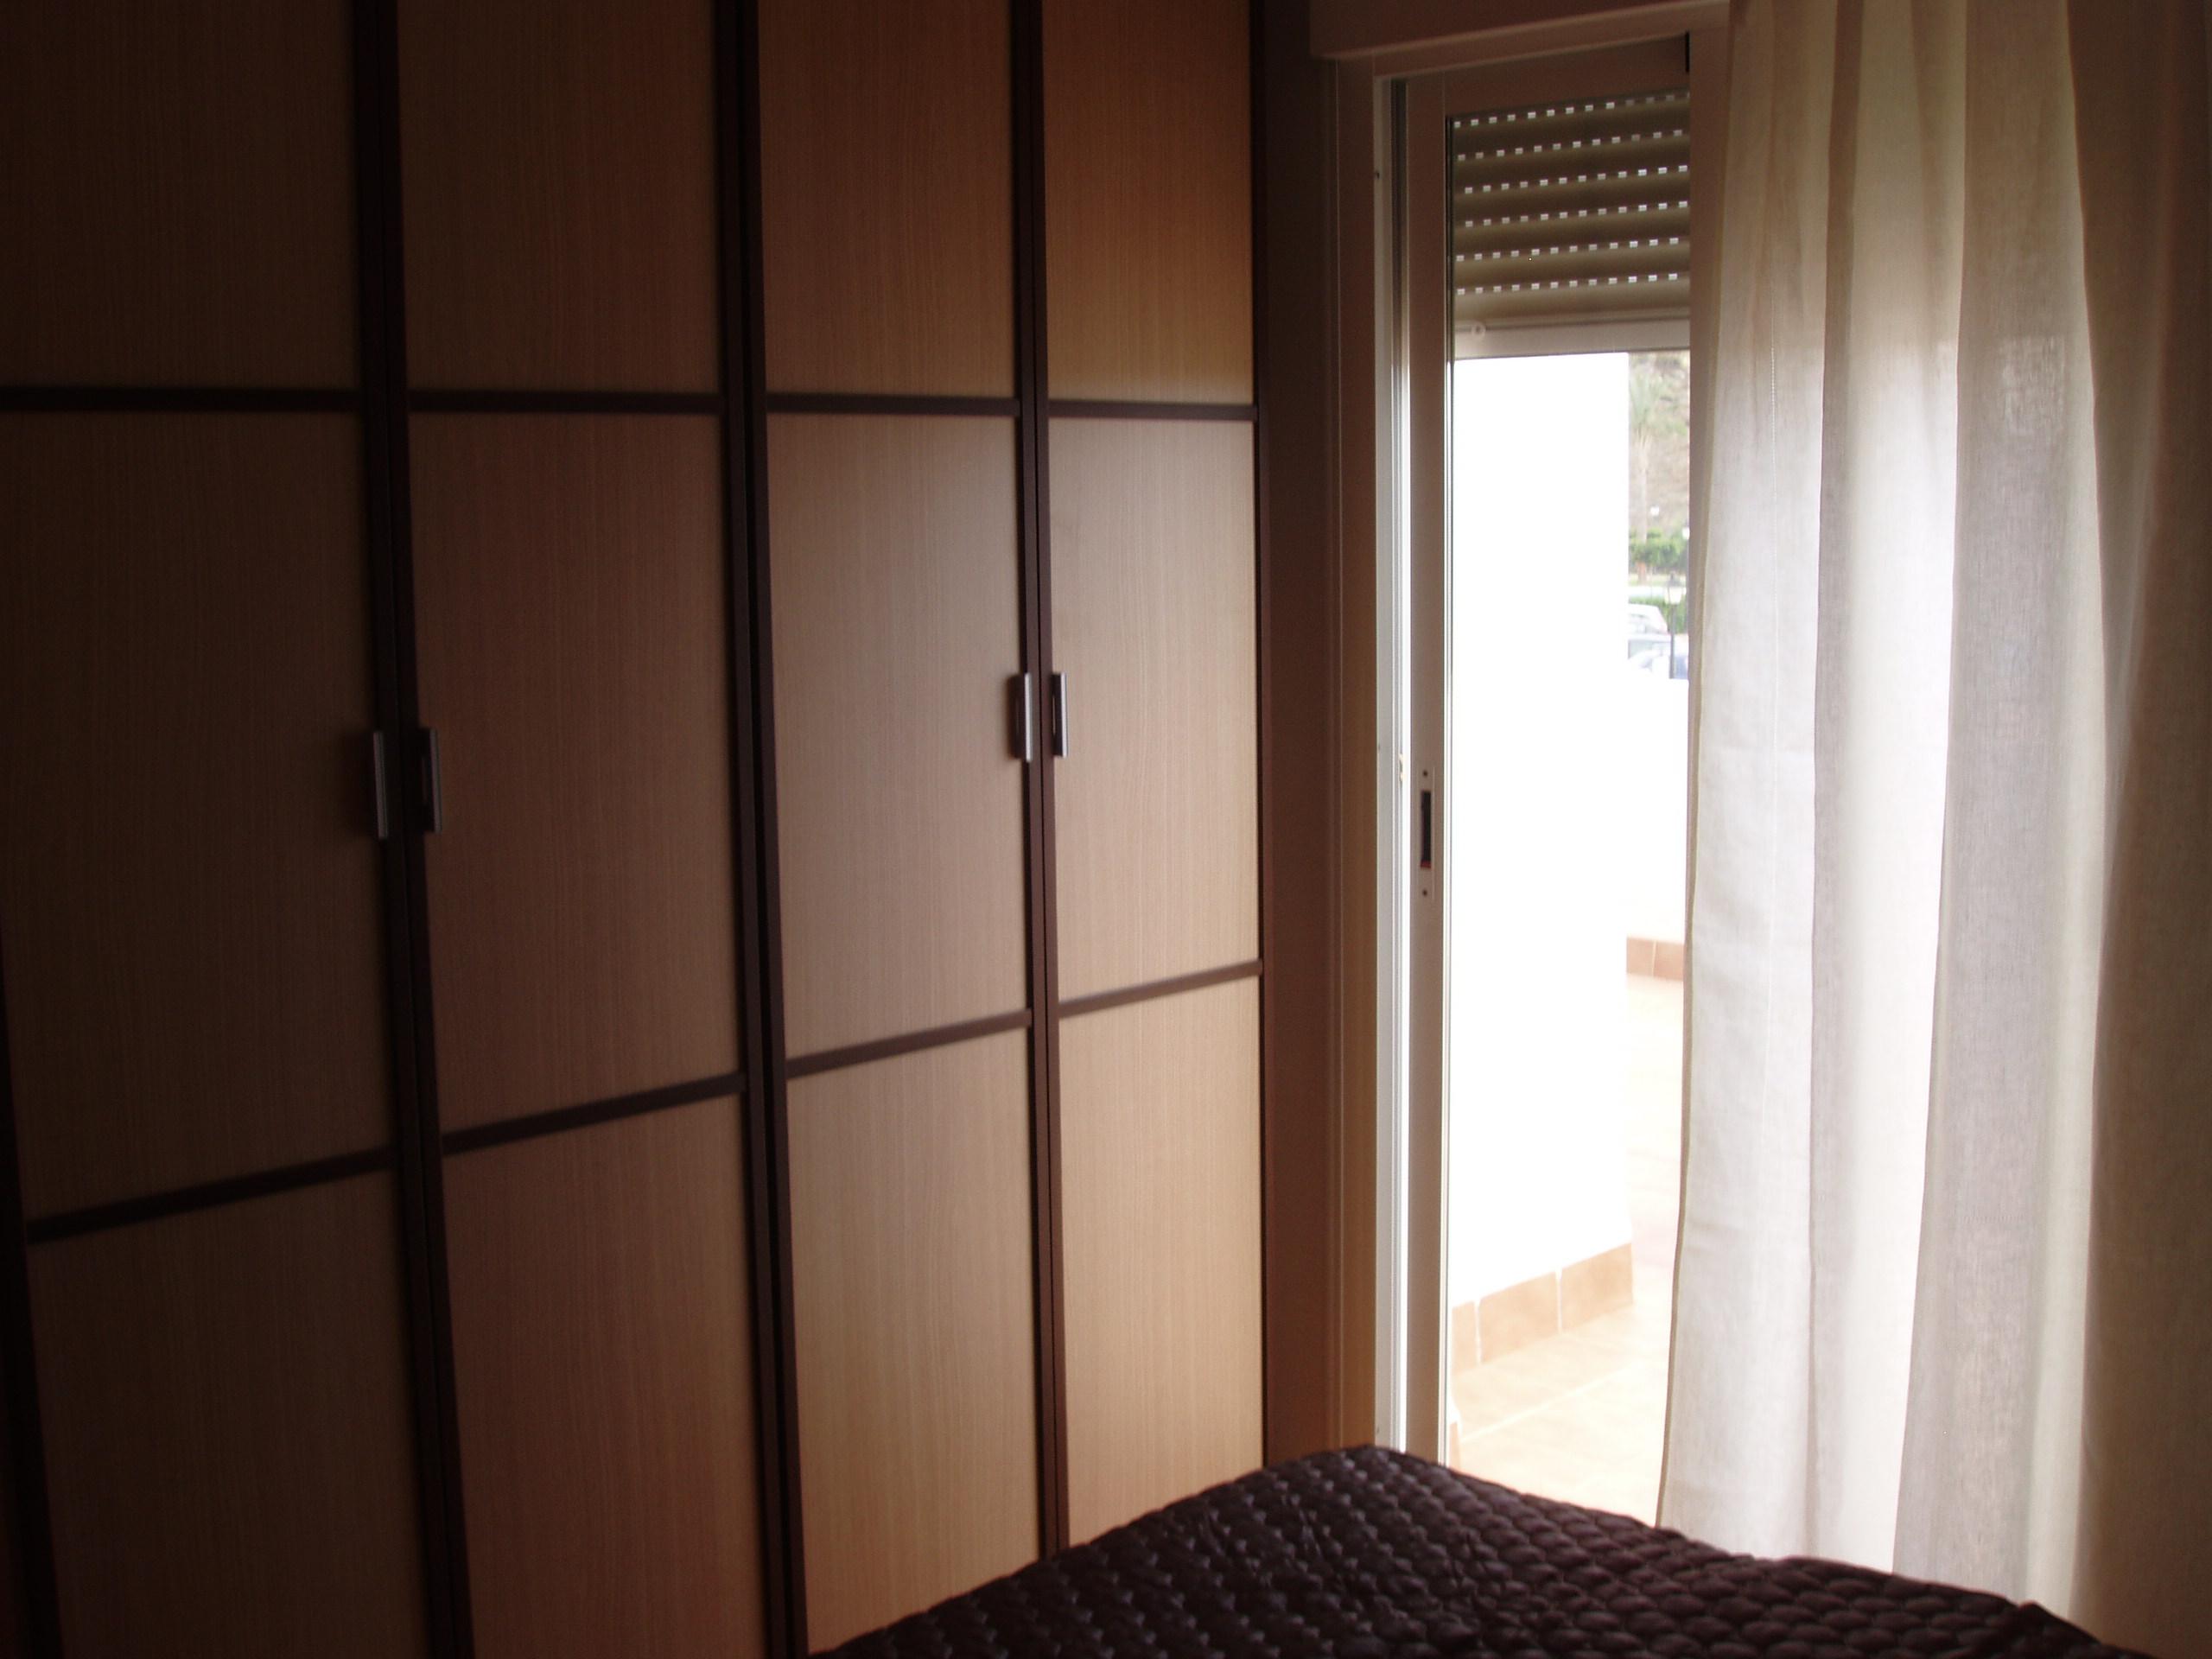 Ferienwohnung 3 Schlafzimmer Wohnung zu vermieten in Mojcar, Spanien (2388895), Mojacar, Costa de Almeria, Andalusien, Spanien, Bild 13